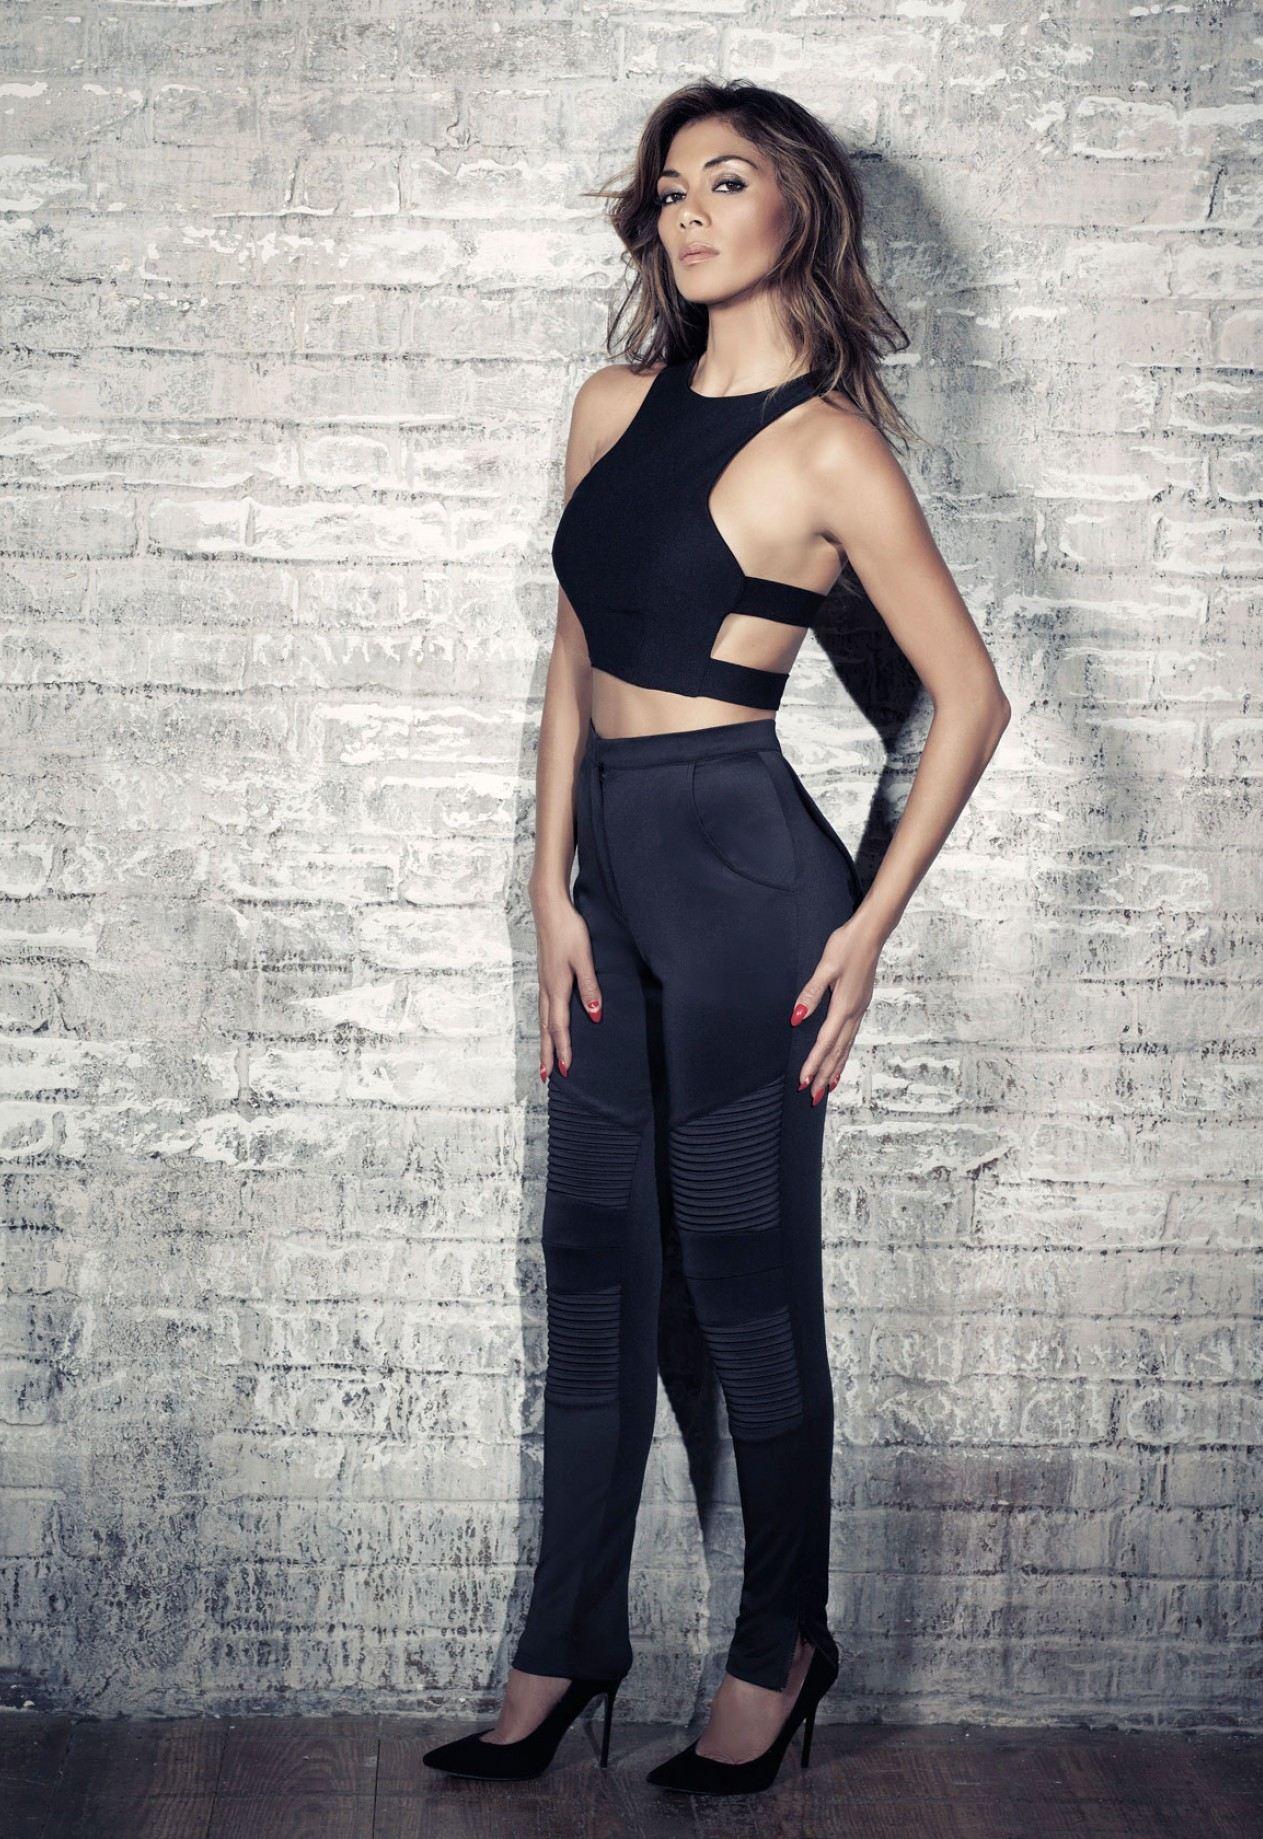 ��� ������� ��������� ����� �������� 2015 , ���� ��� ����� �������� 2015 Nicole Scherzinger